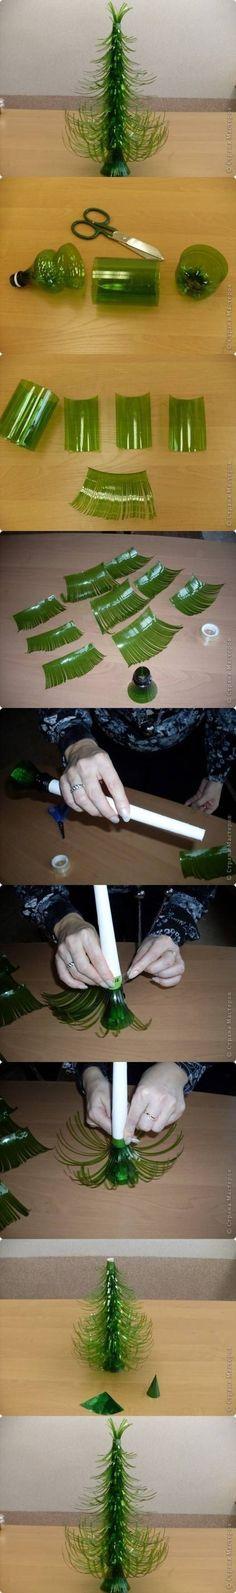 塑料瓶创意小手工~